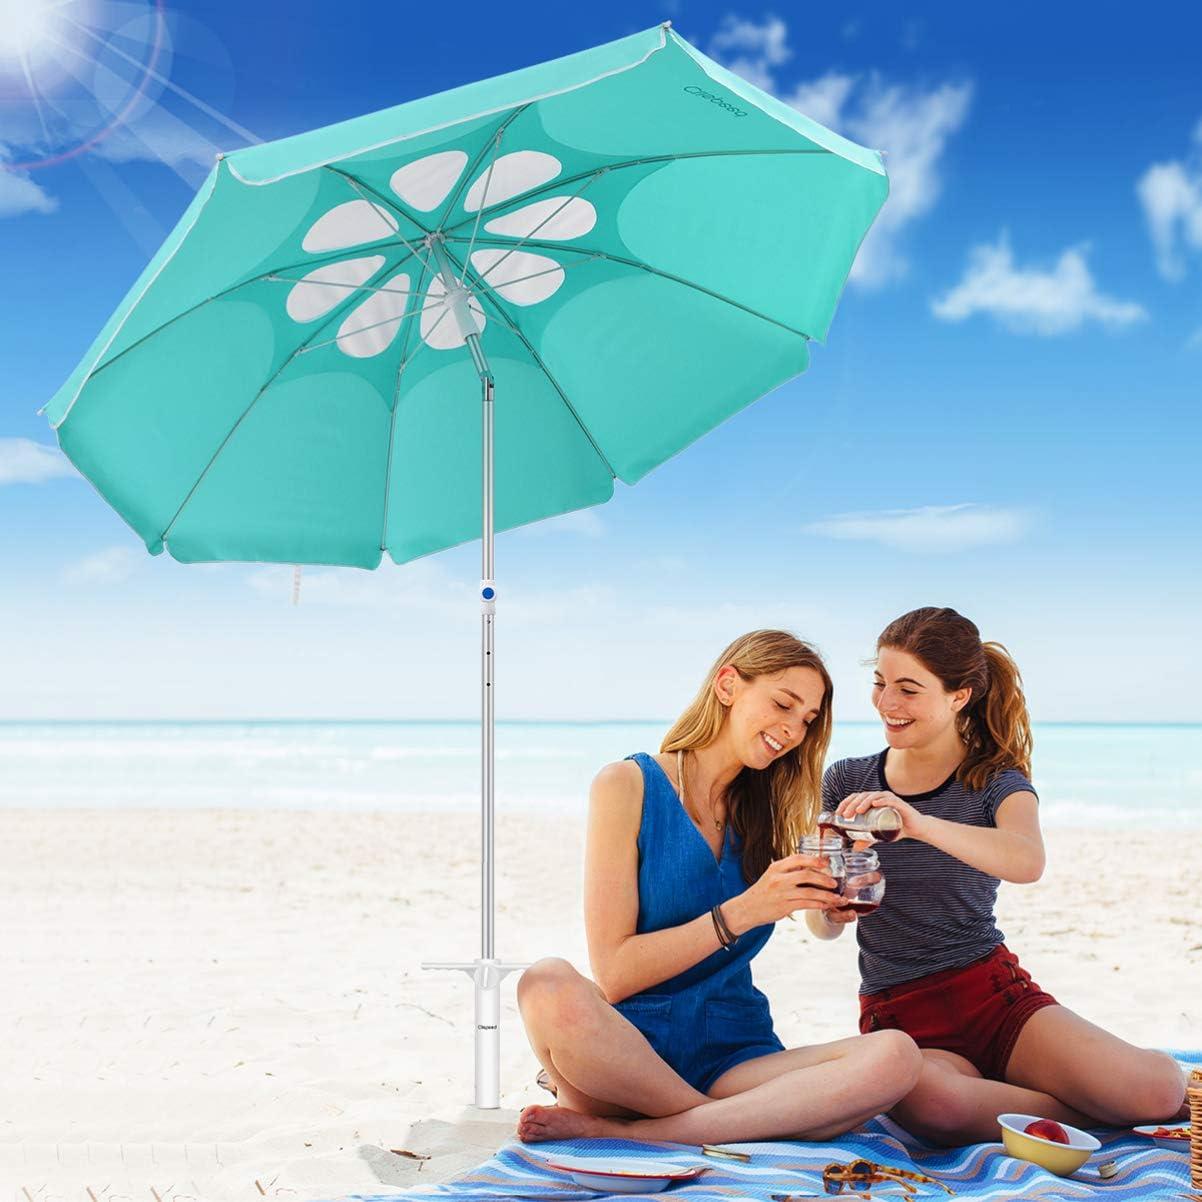 CLISPEED Ombrello da Spiaggia Ancorante per Sabbia Trivella per Sabbia a 3 Spinelli Supporto Universale per Coclea a Pinza